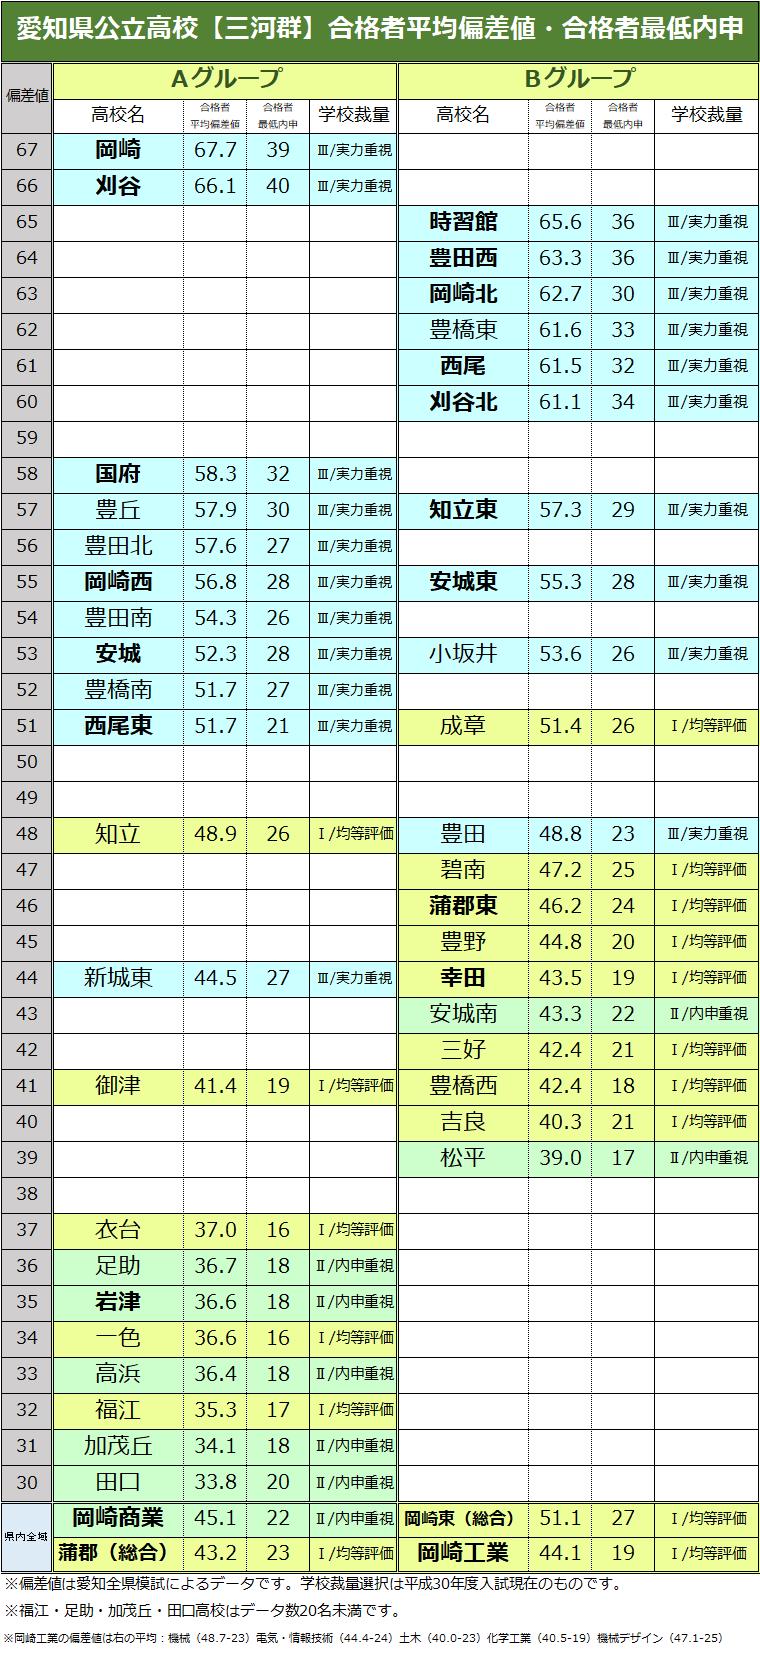 愛知県公立高校【三河群】ランキ...